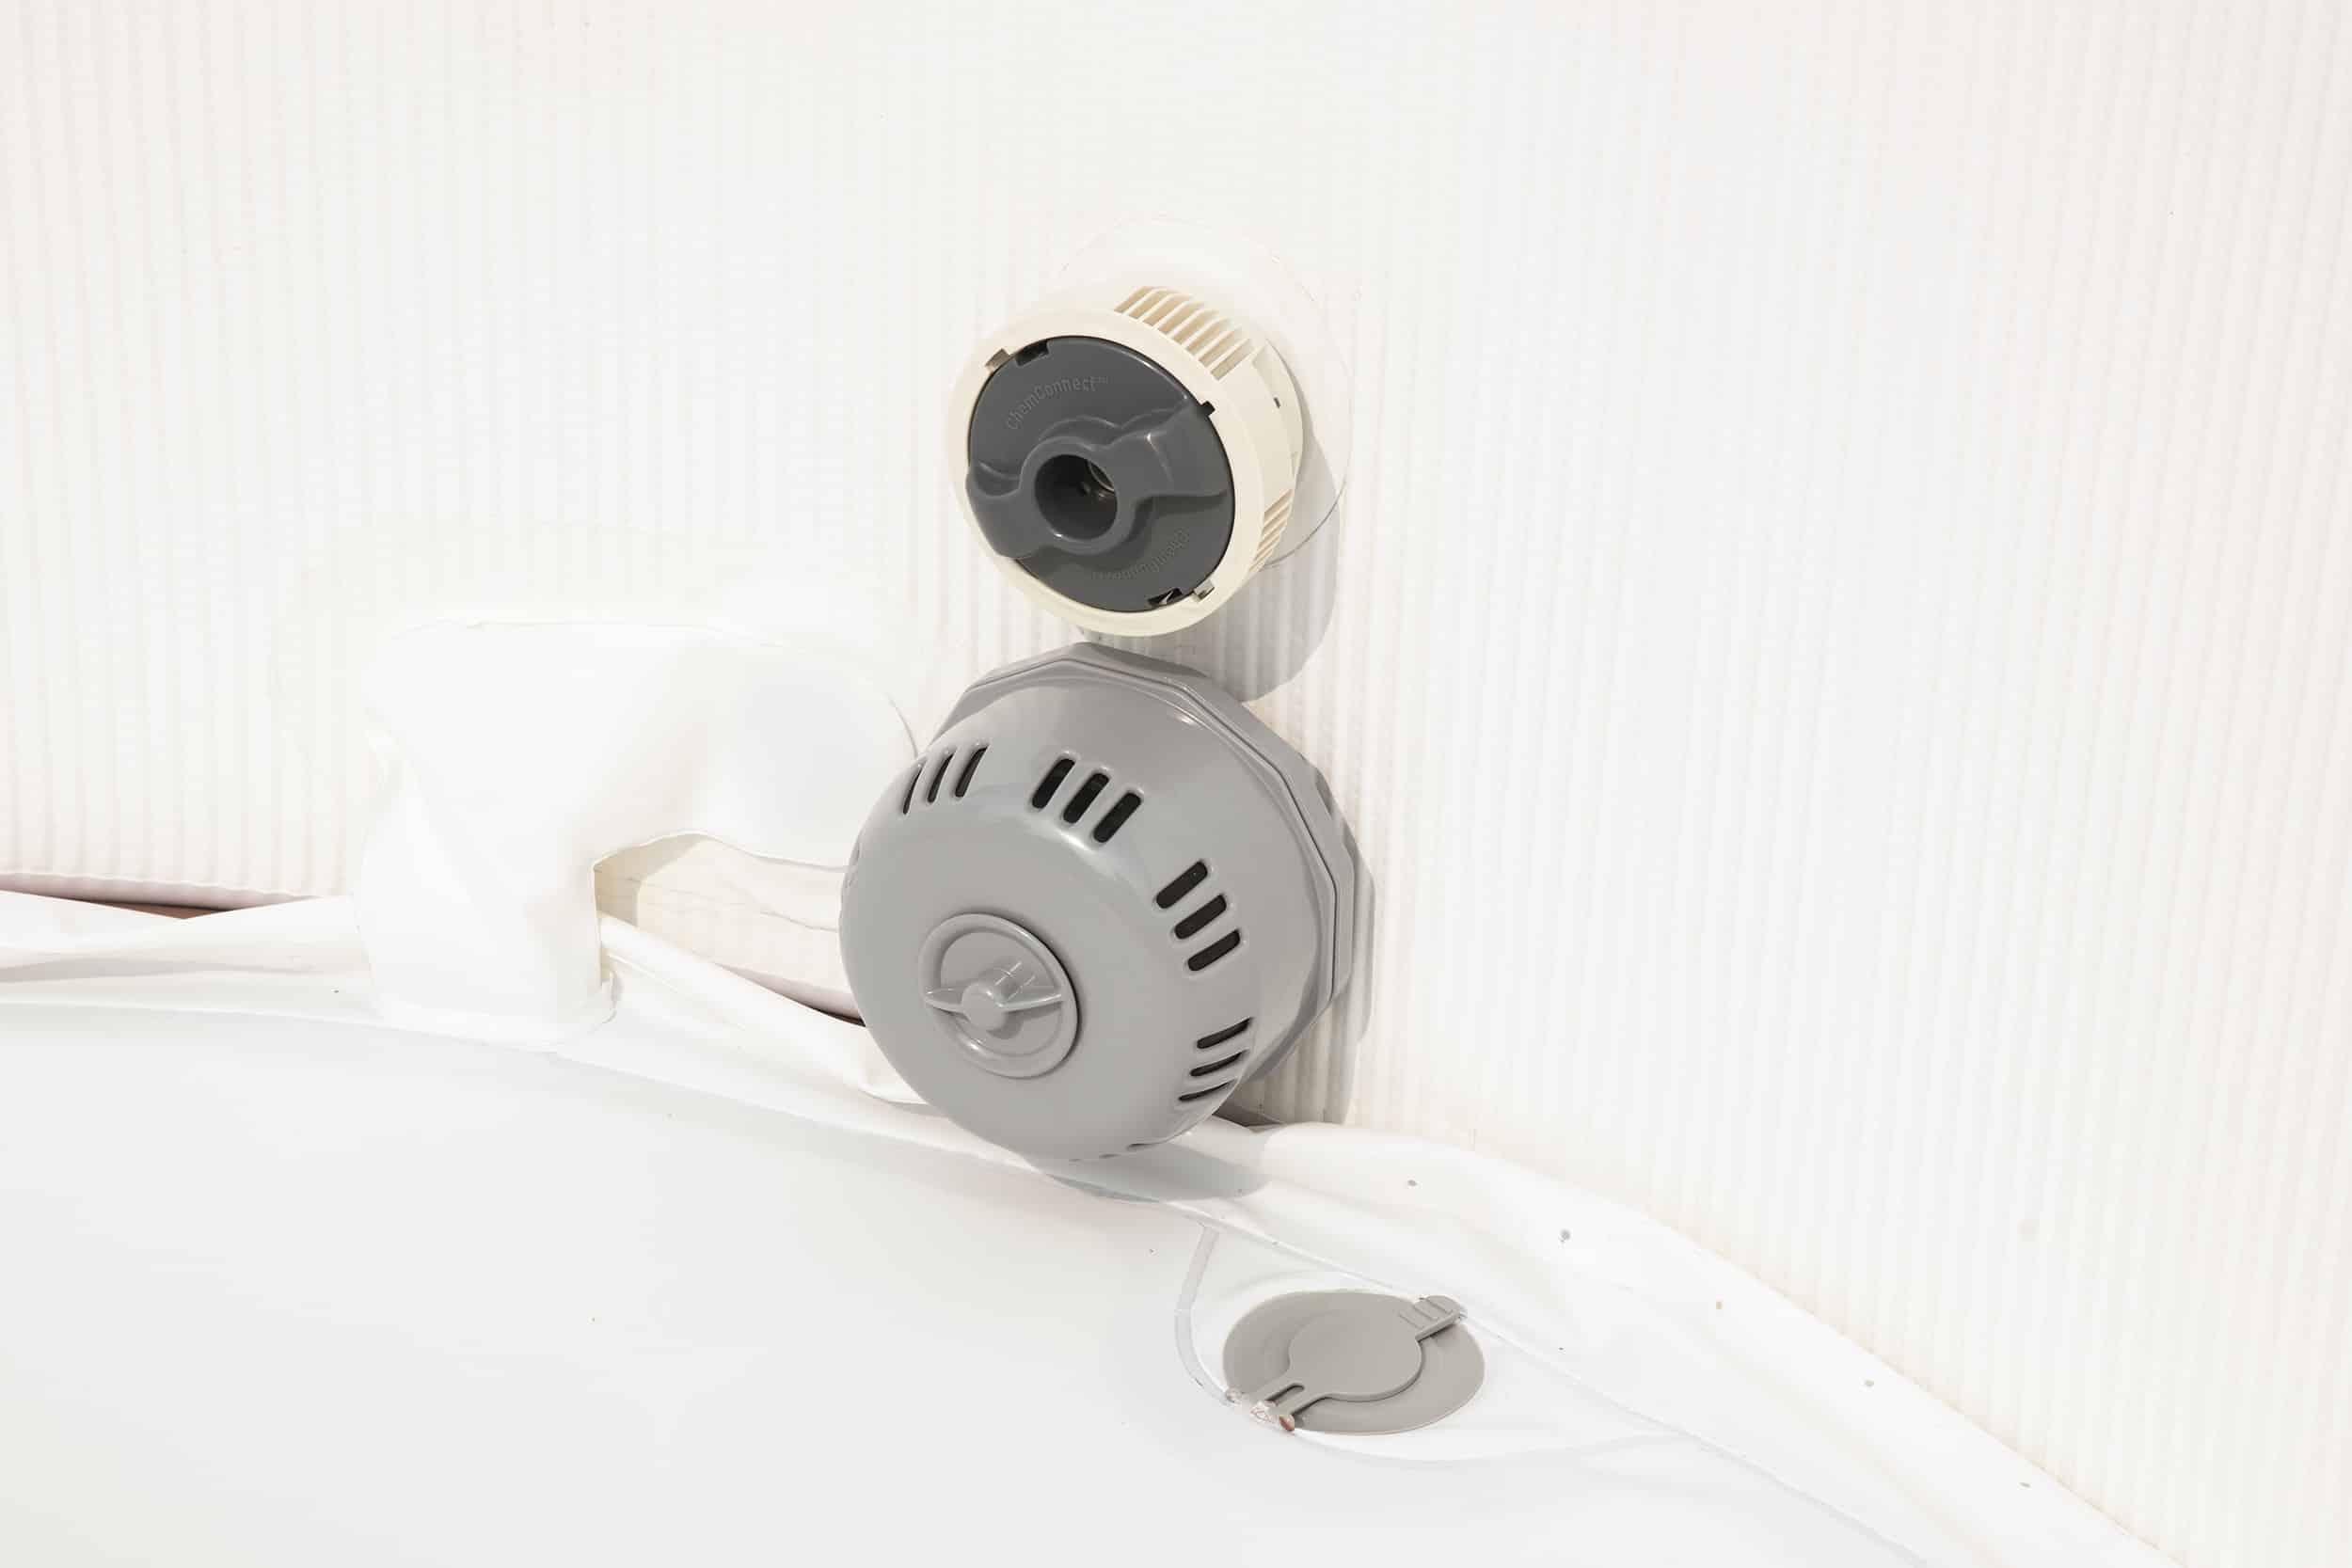 Badestampen har et innbegyd filter system som renser vannet